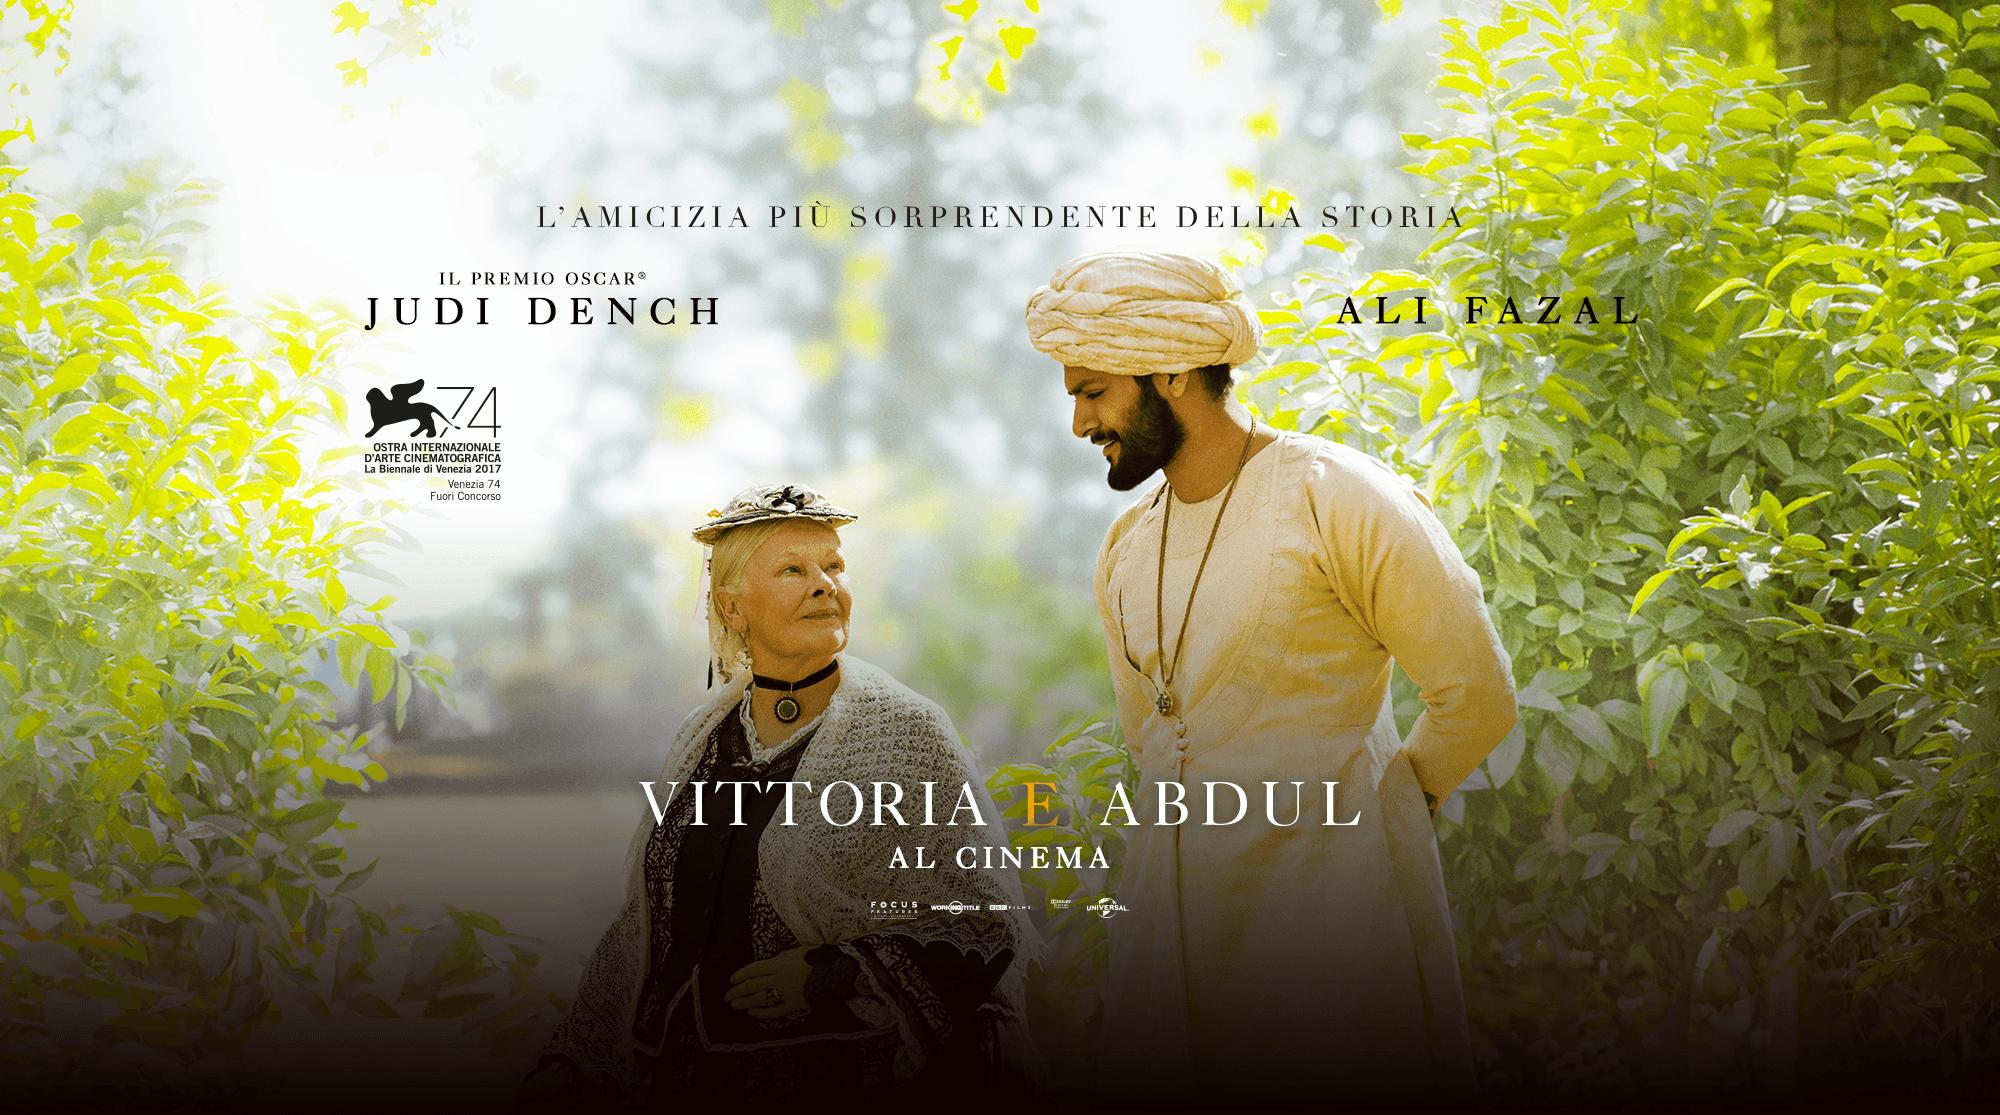 Vittoria E Abdul Cinema Teatro Galliera